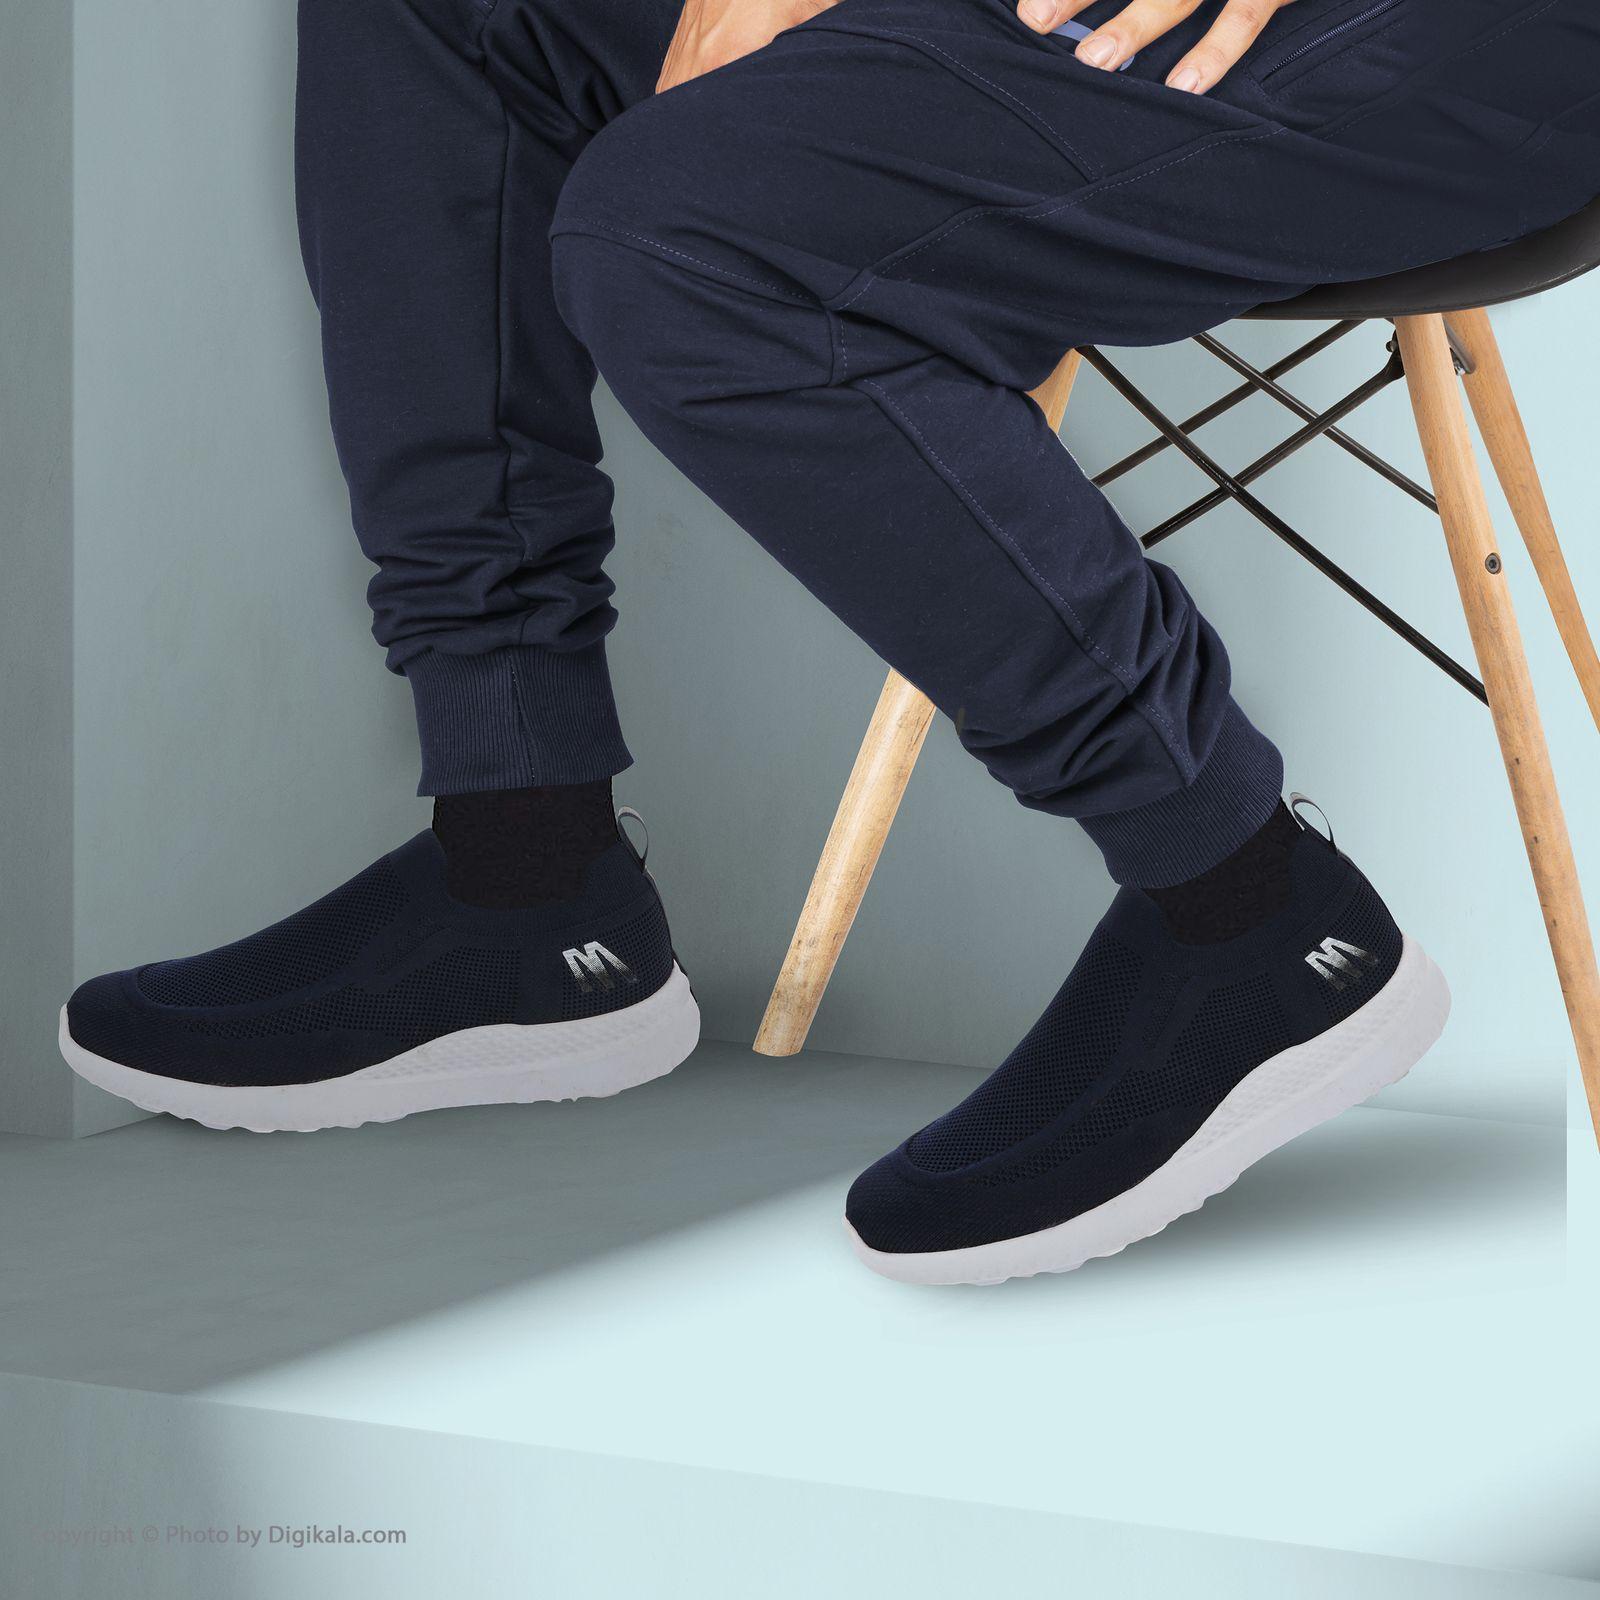 کفش راحتی مردانه مل اند موژ مدل 1020-15-400 main 1 1